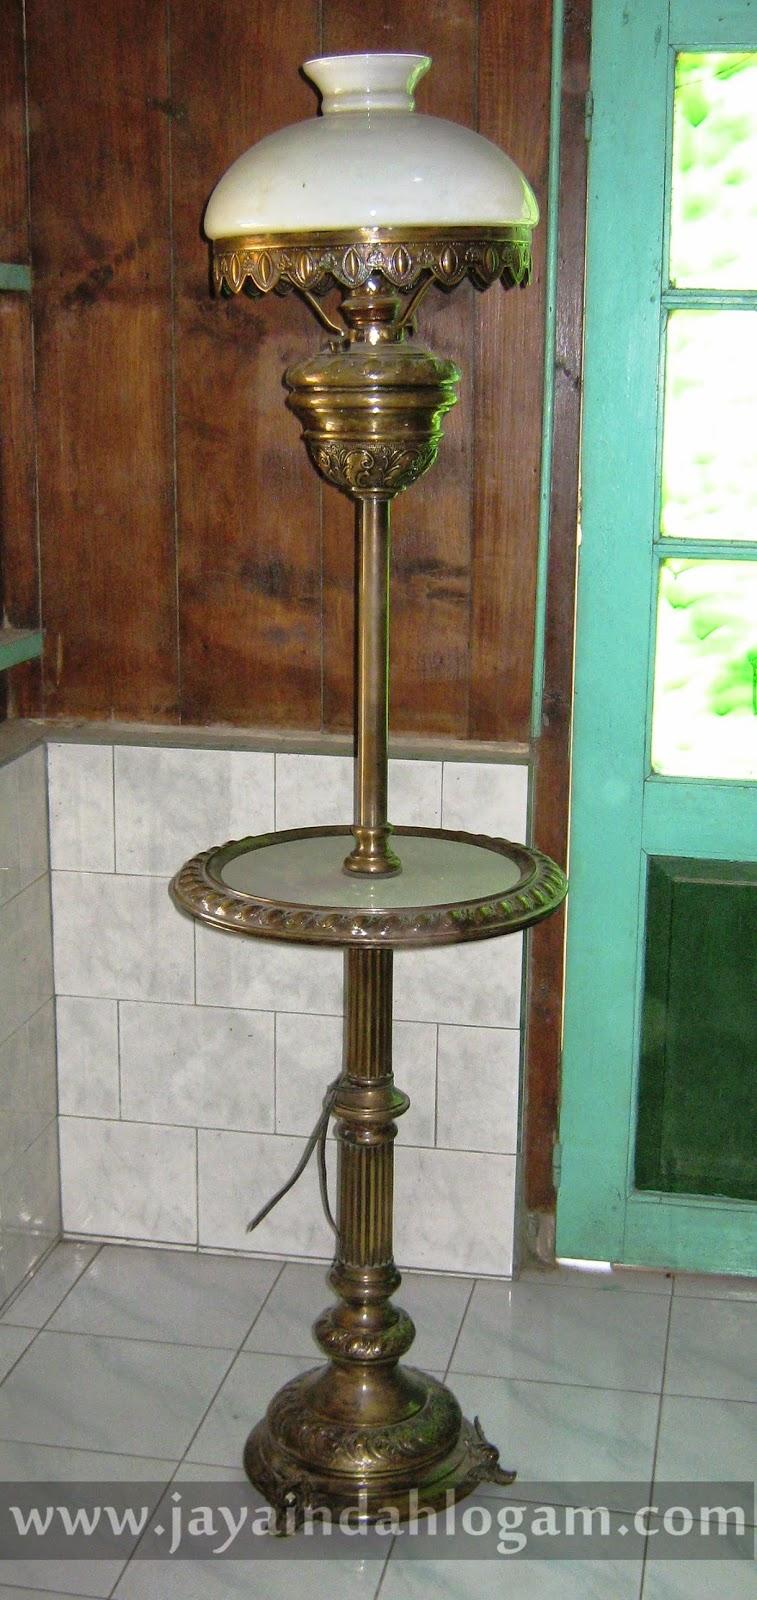 http://www.jayaindahlogam.com/2014/08/lampu-stand.html